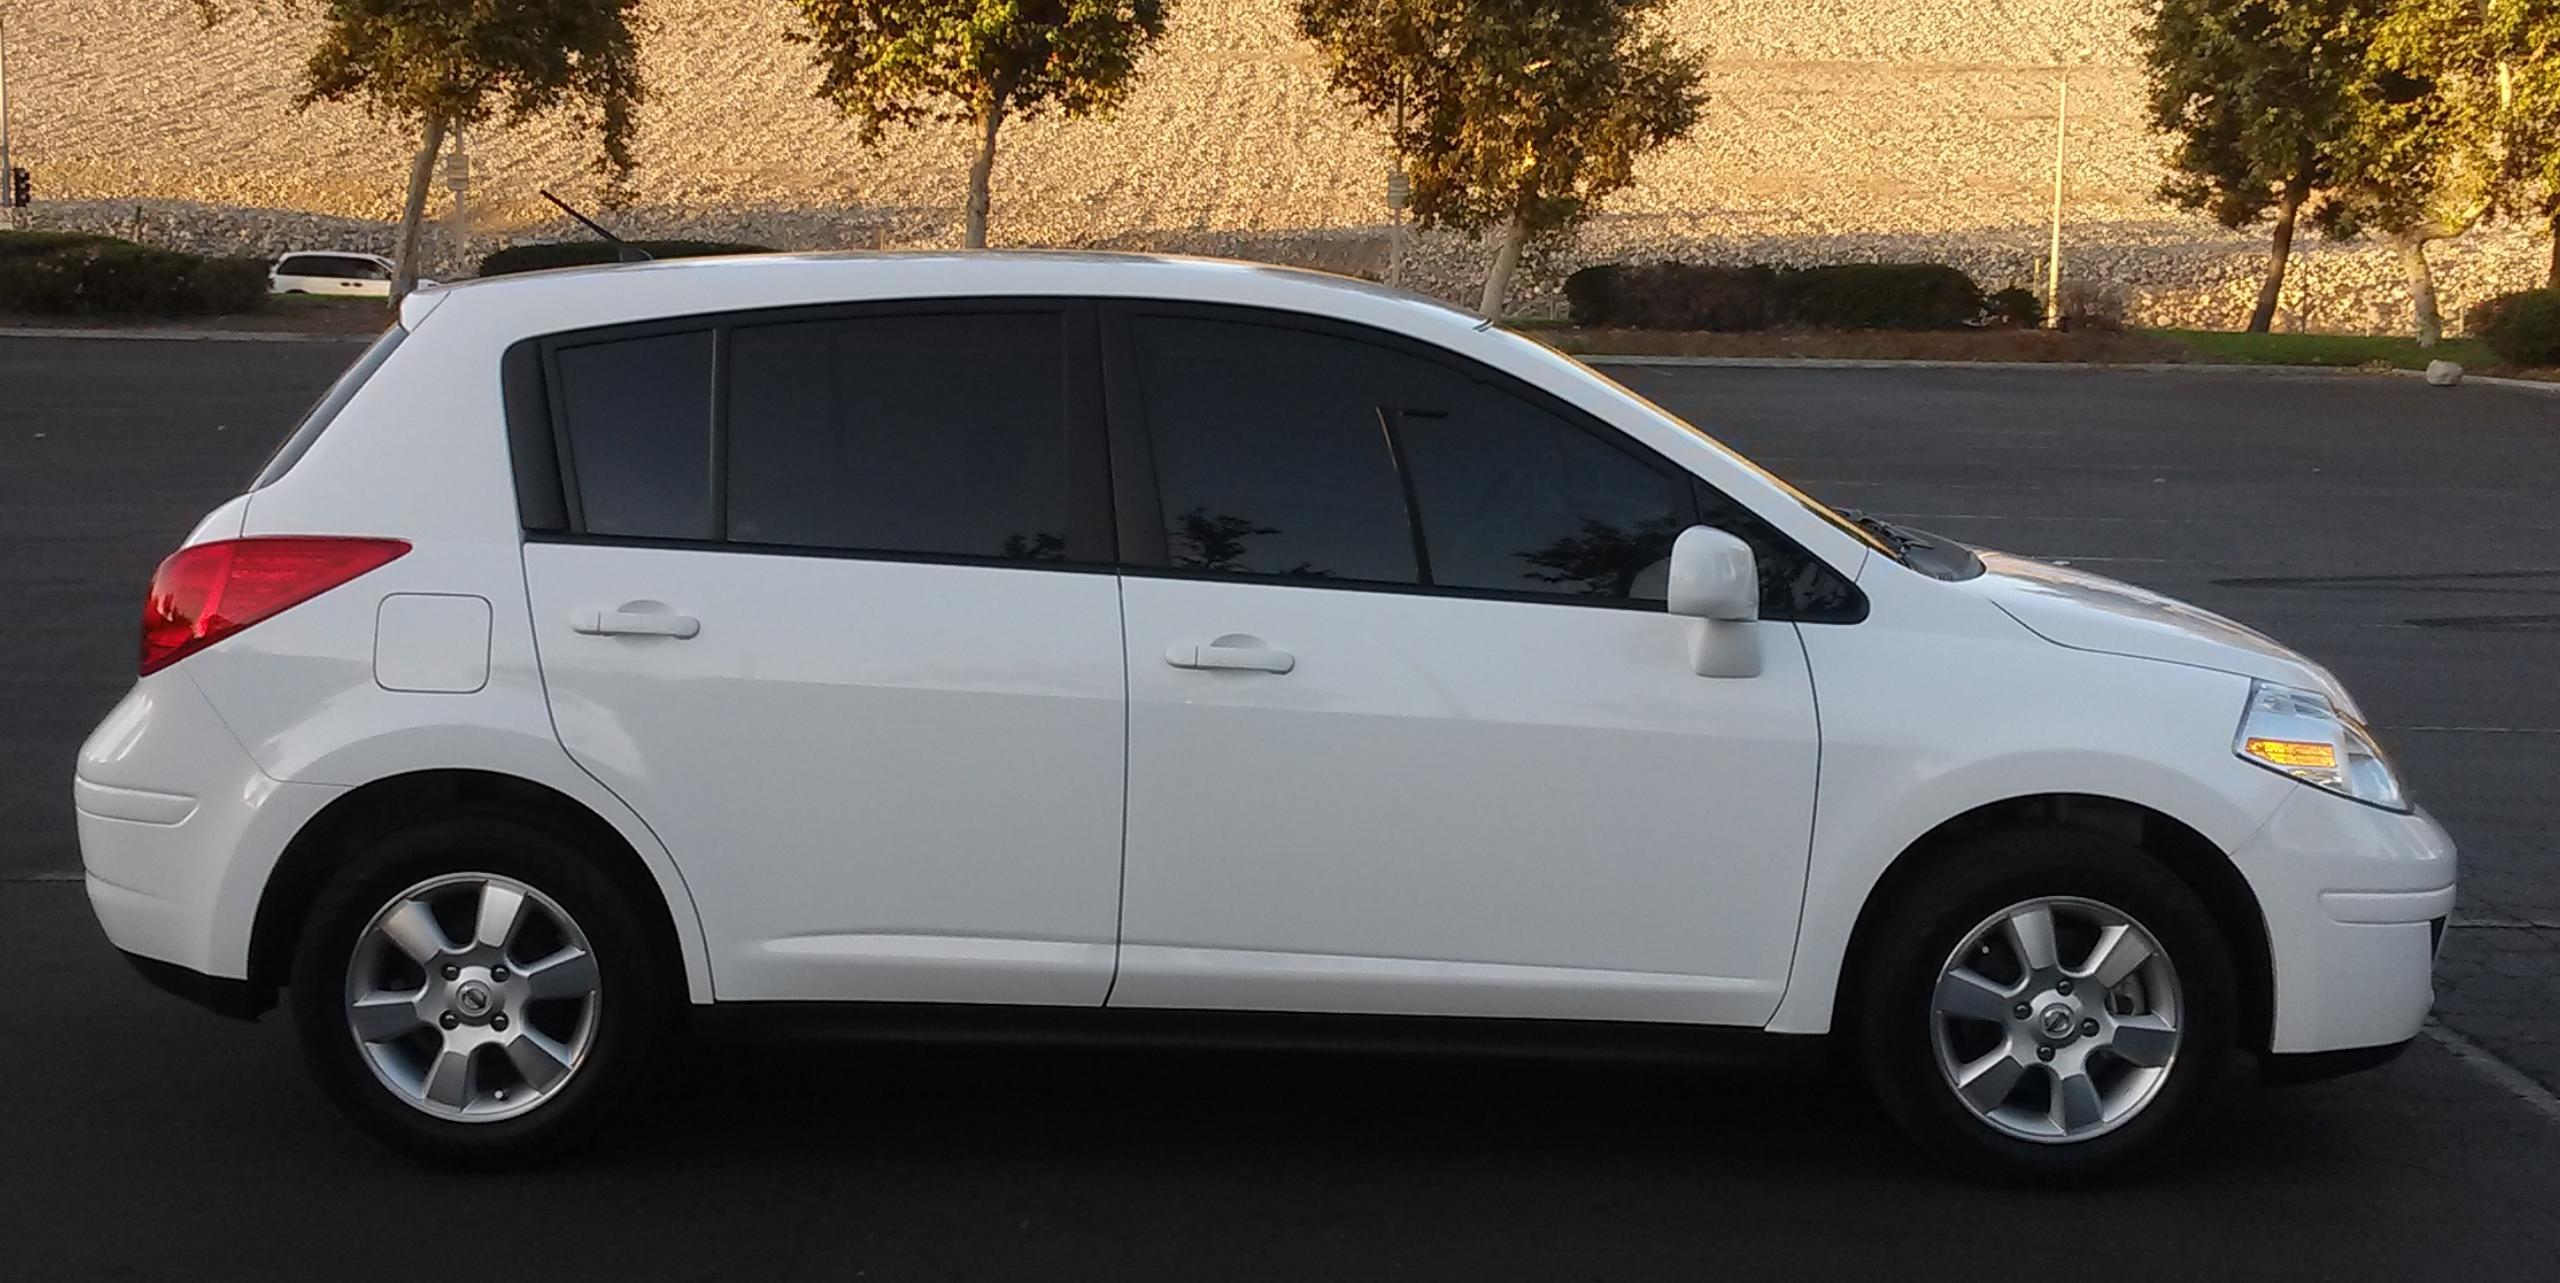 Nissan Versa I 2006 - 2012 Hatchback 5 door #7